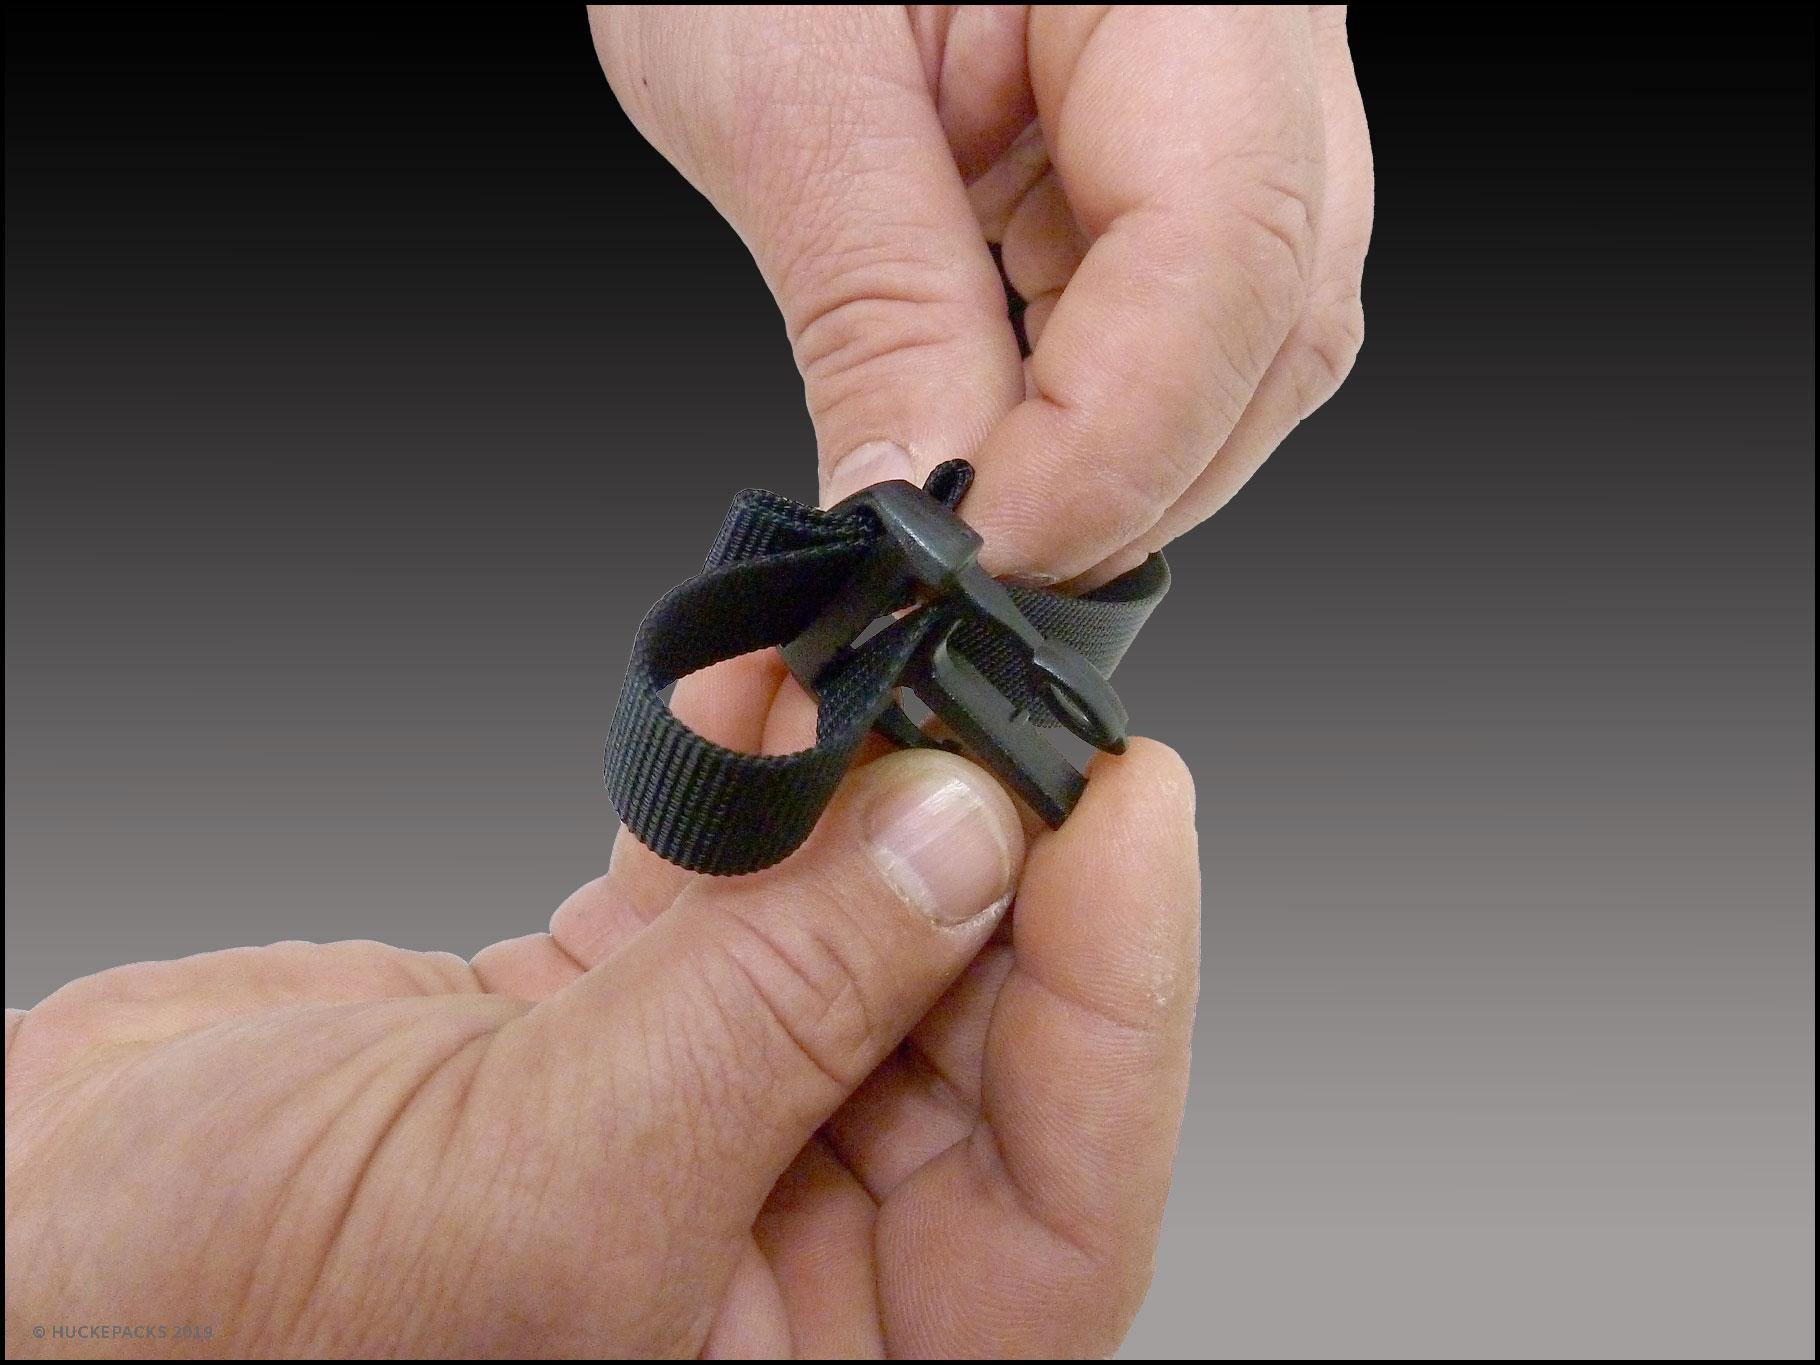 1. Dual-Release-Schnalle vom Gurtband des Hüftgurtes abnehmen